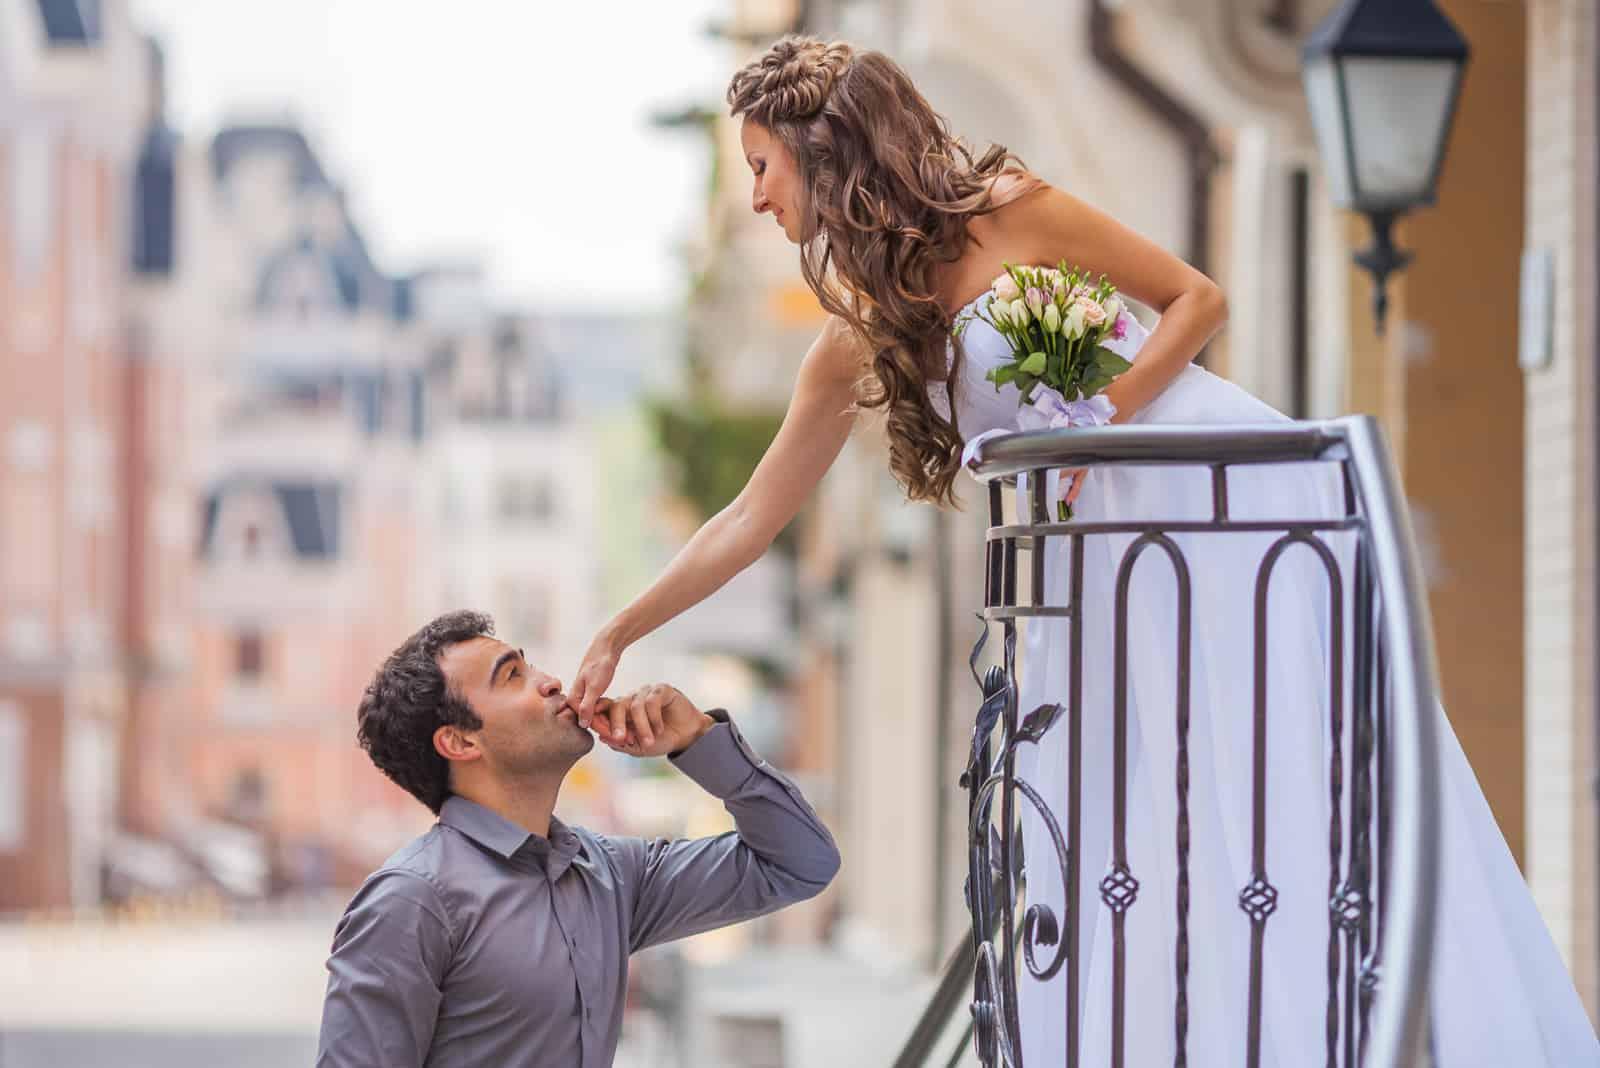 Bräutigam küsst die Hand der Braut